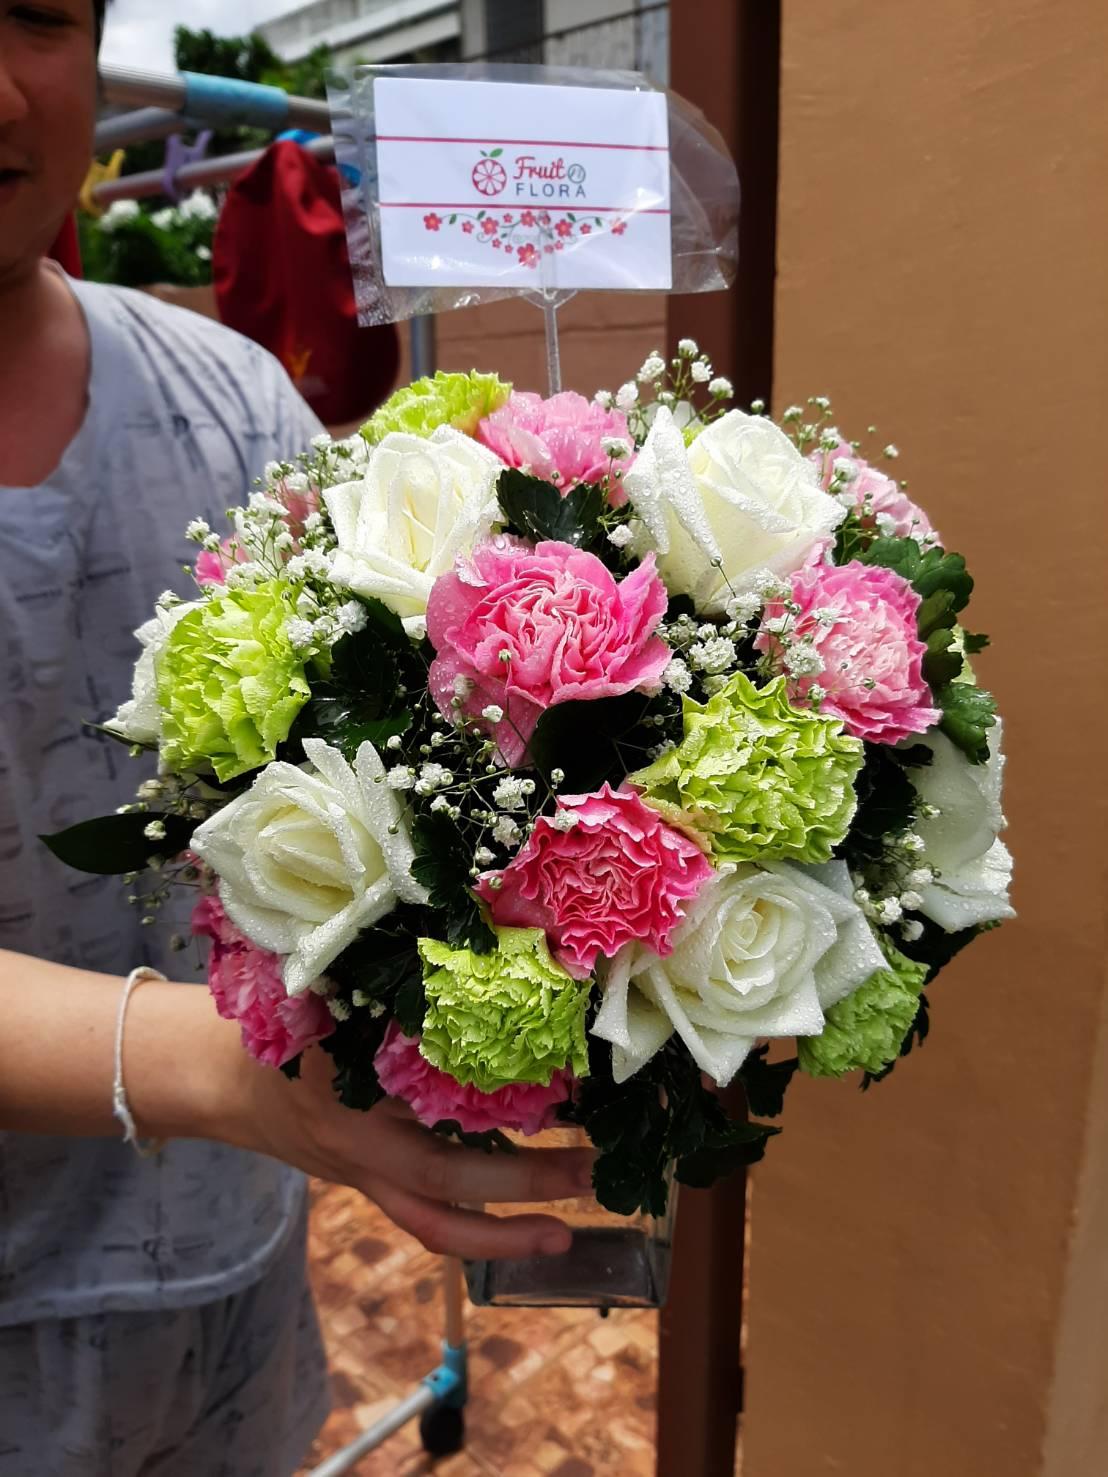 ถึงจะไซส์เล็กพอดีมือ...แต่คุณภาพเต็มเปี่ยมเลยค่ะ สำหรับแจกันดอกไม้จากเรา